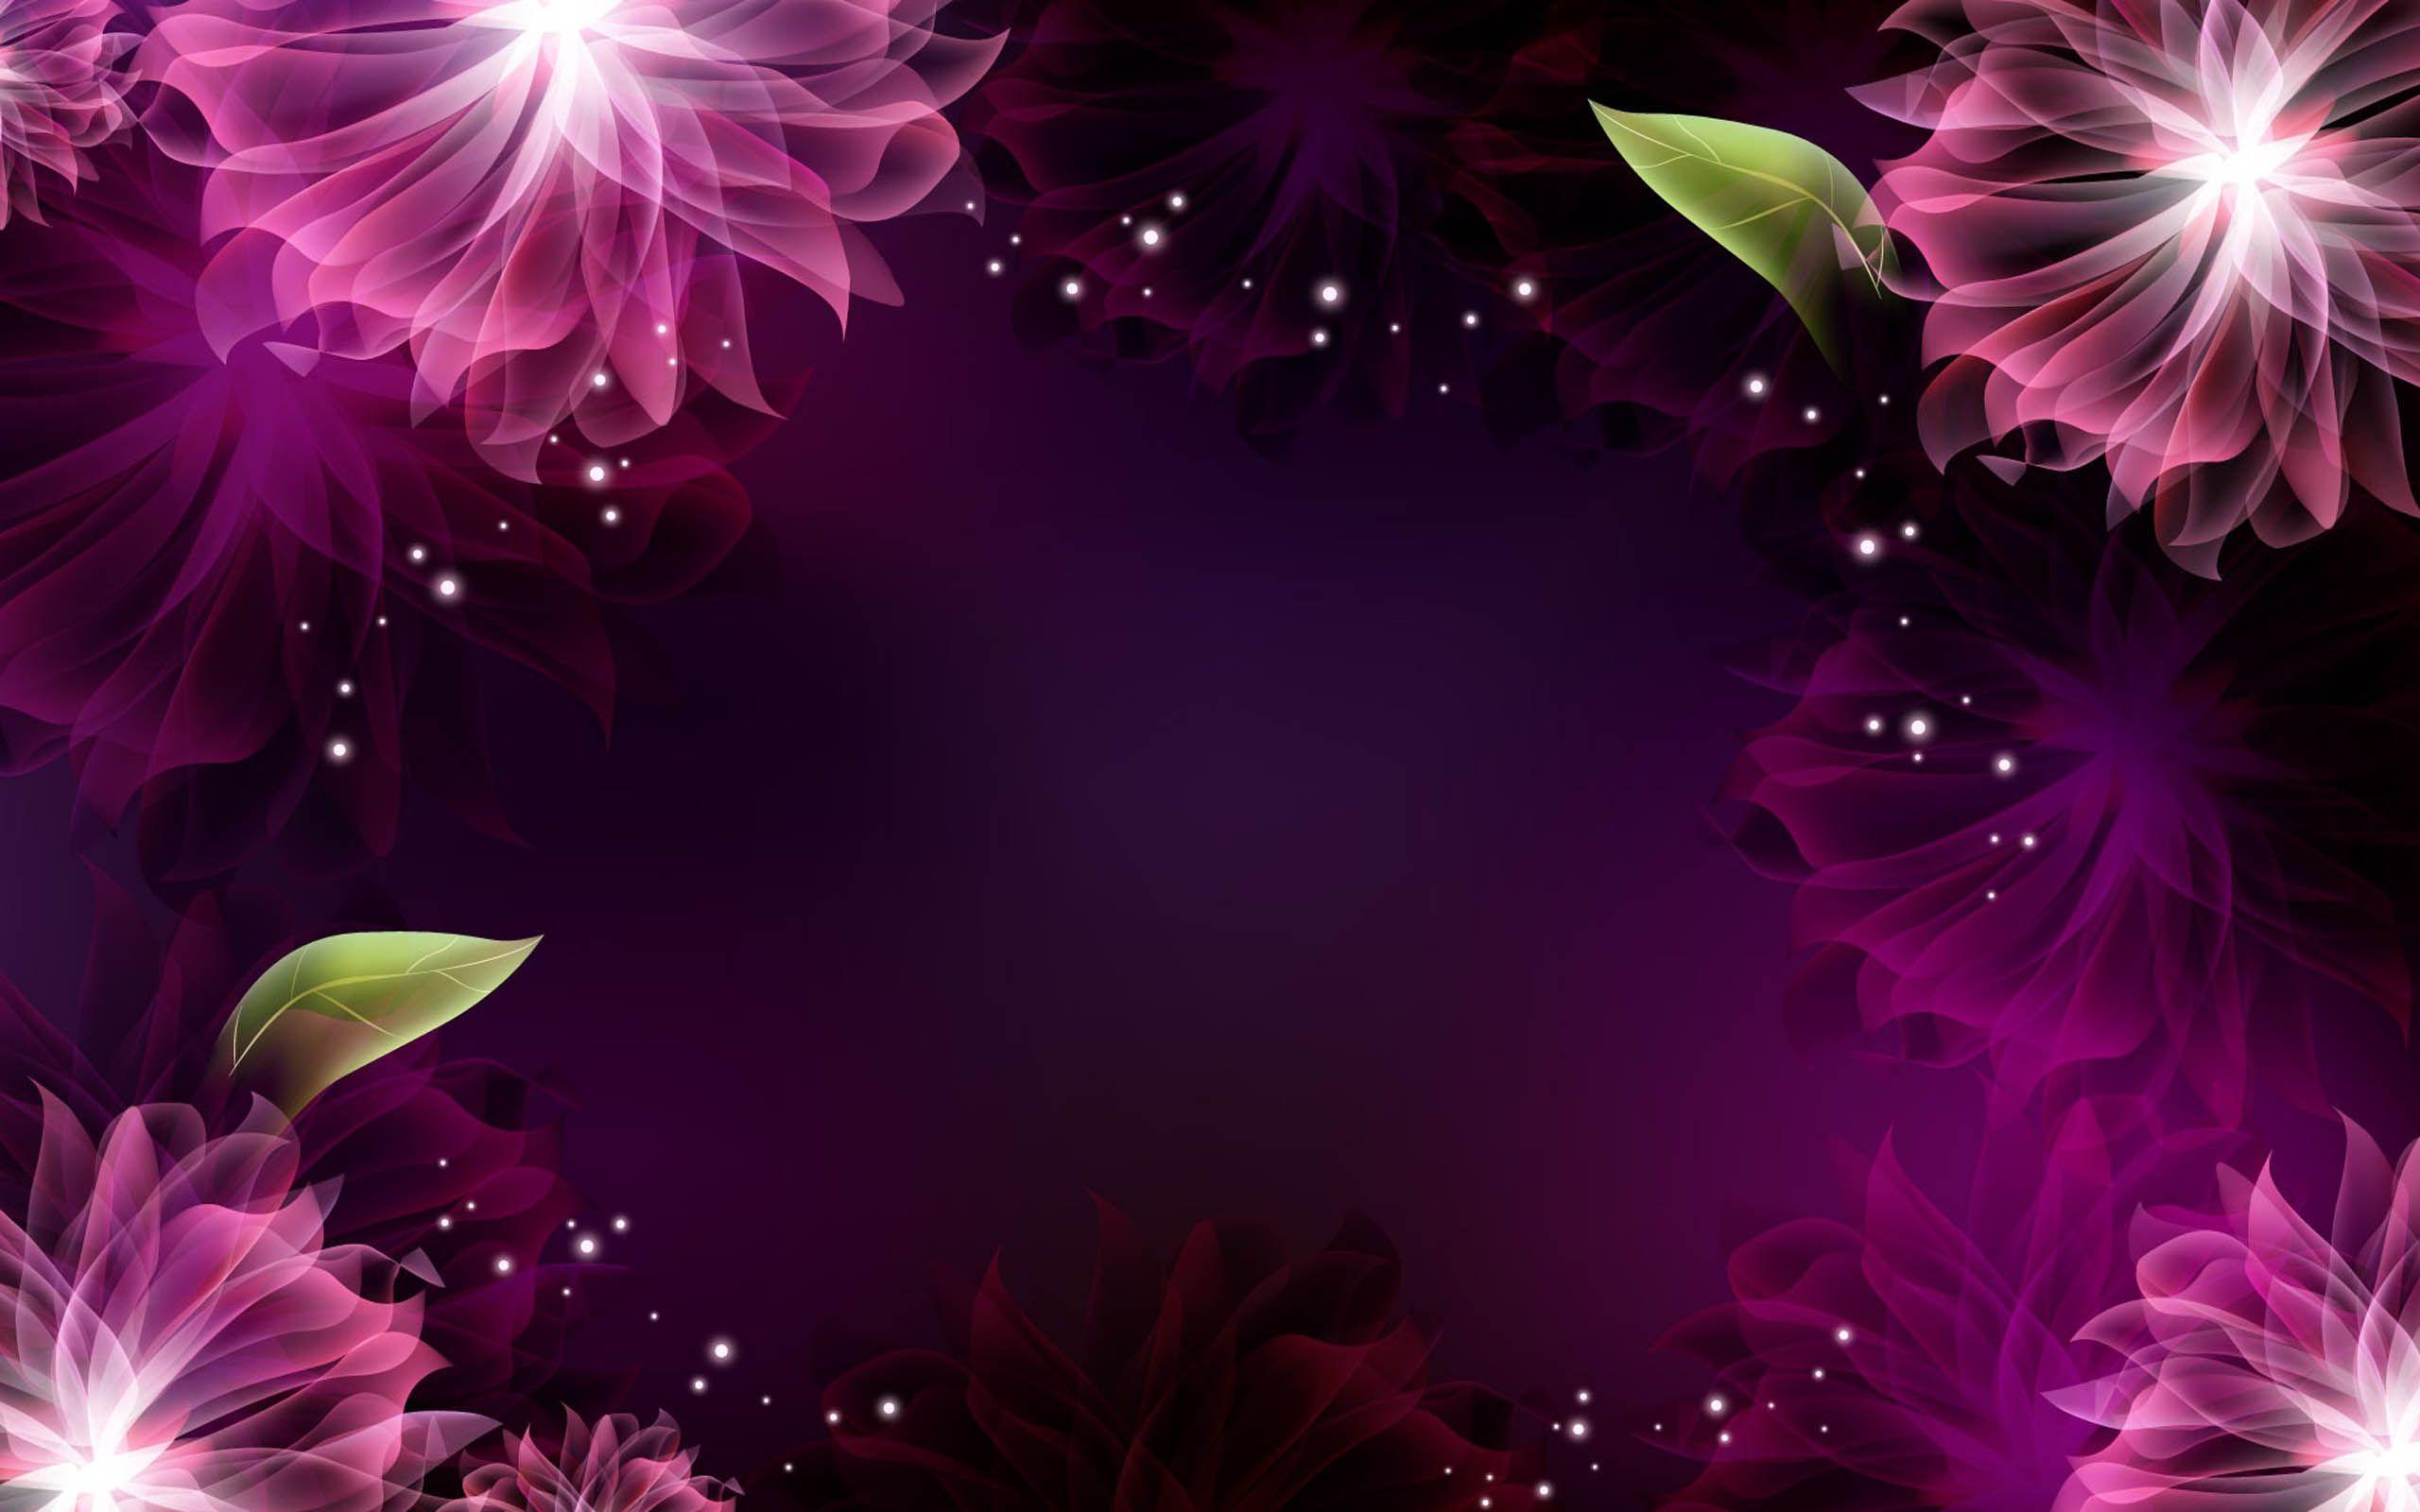 Purple Flowers Wallpapers 2560x1600